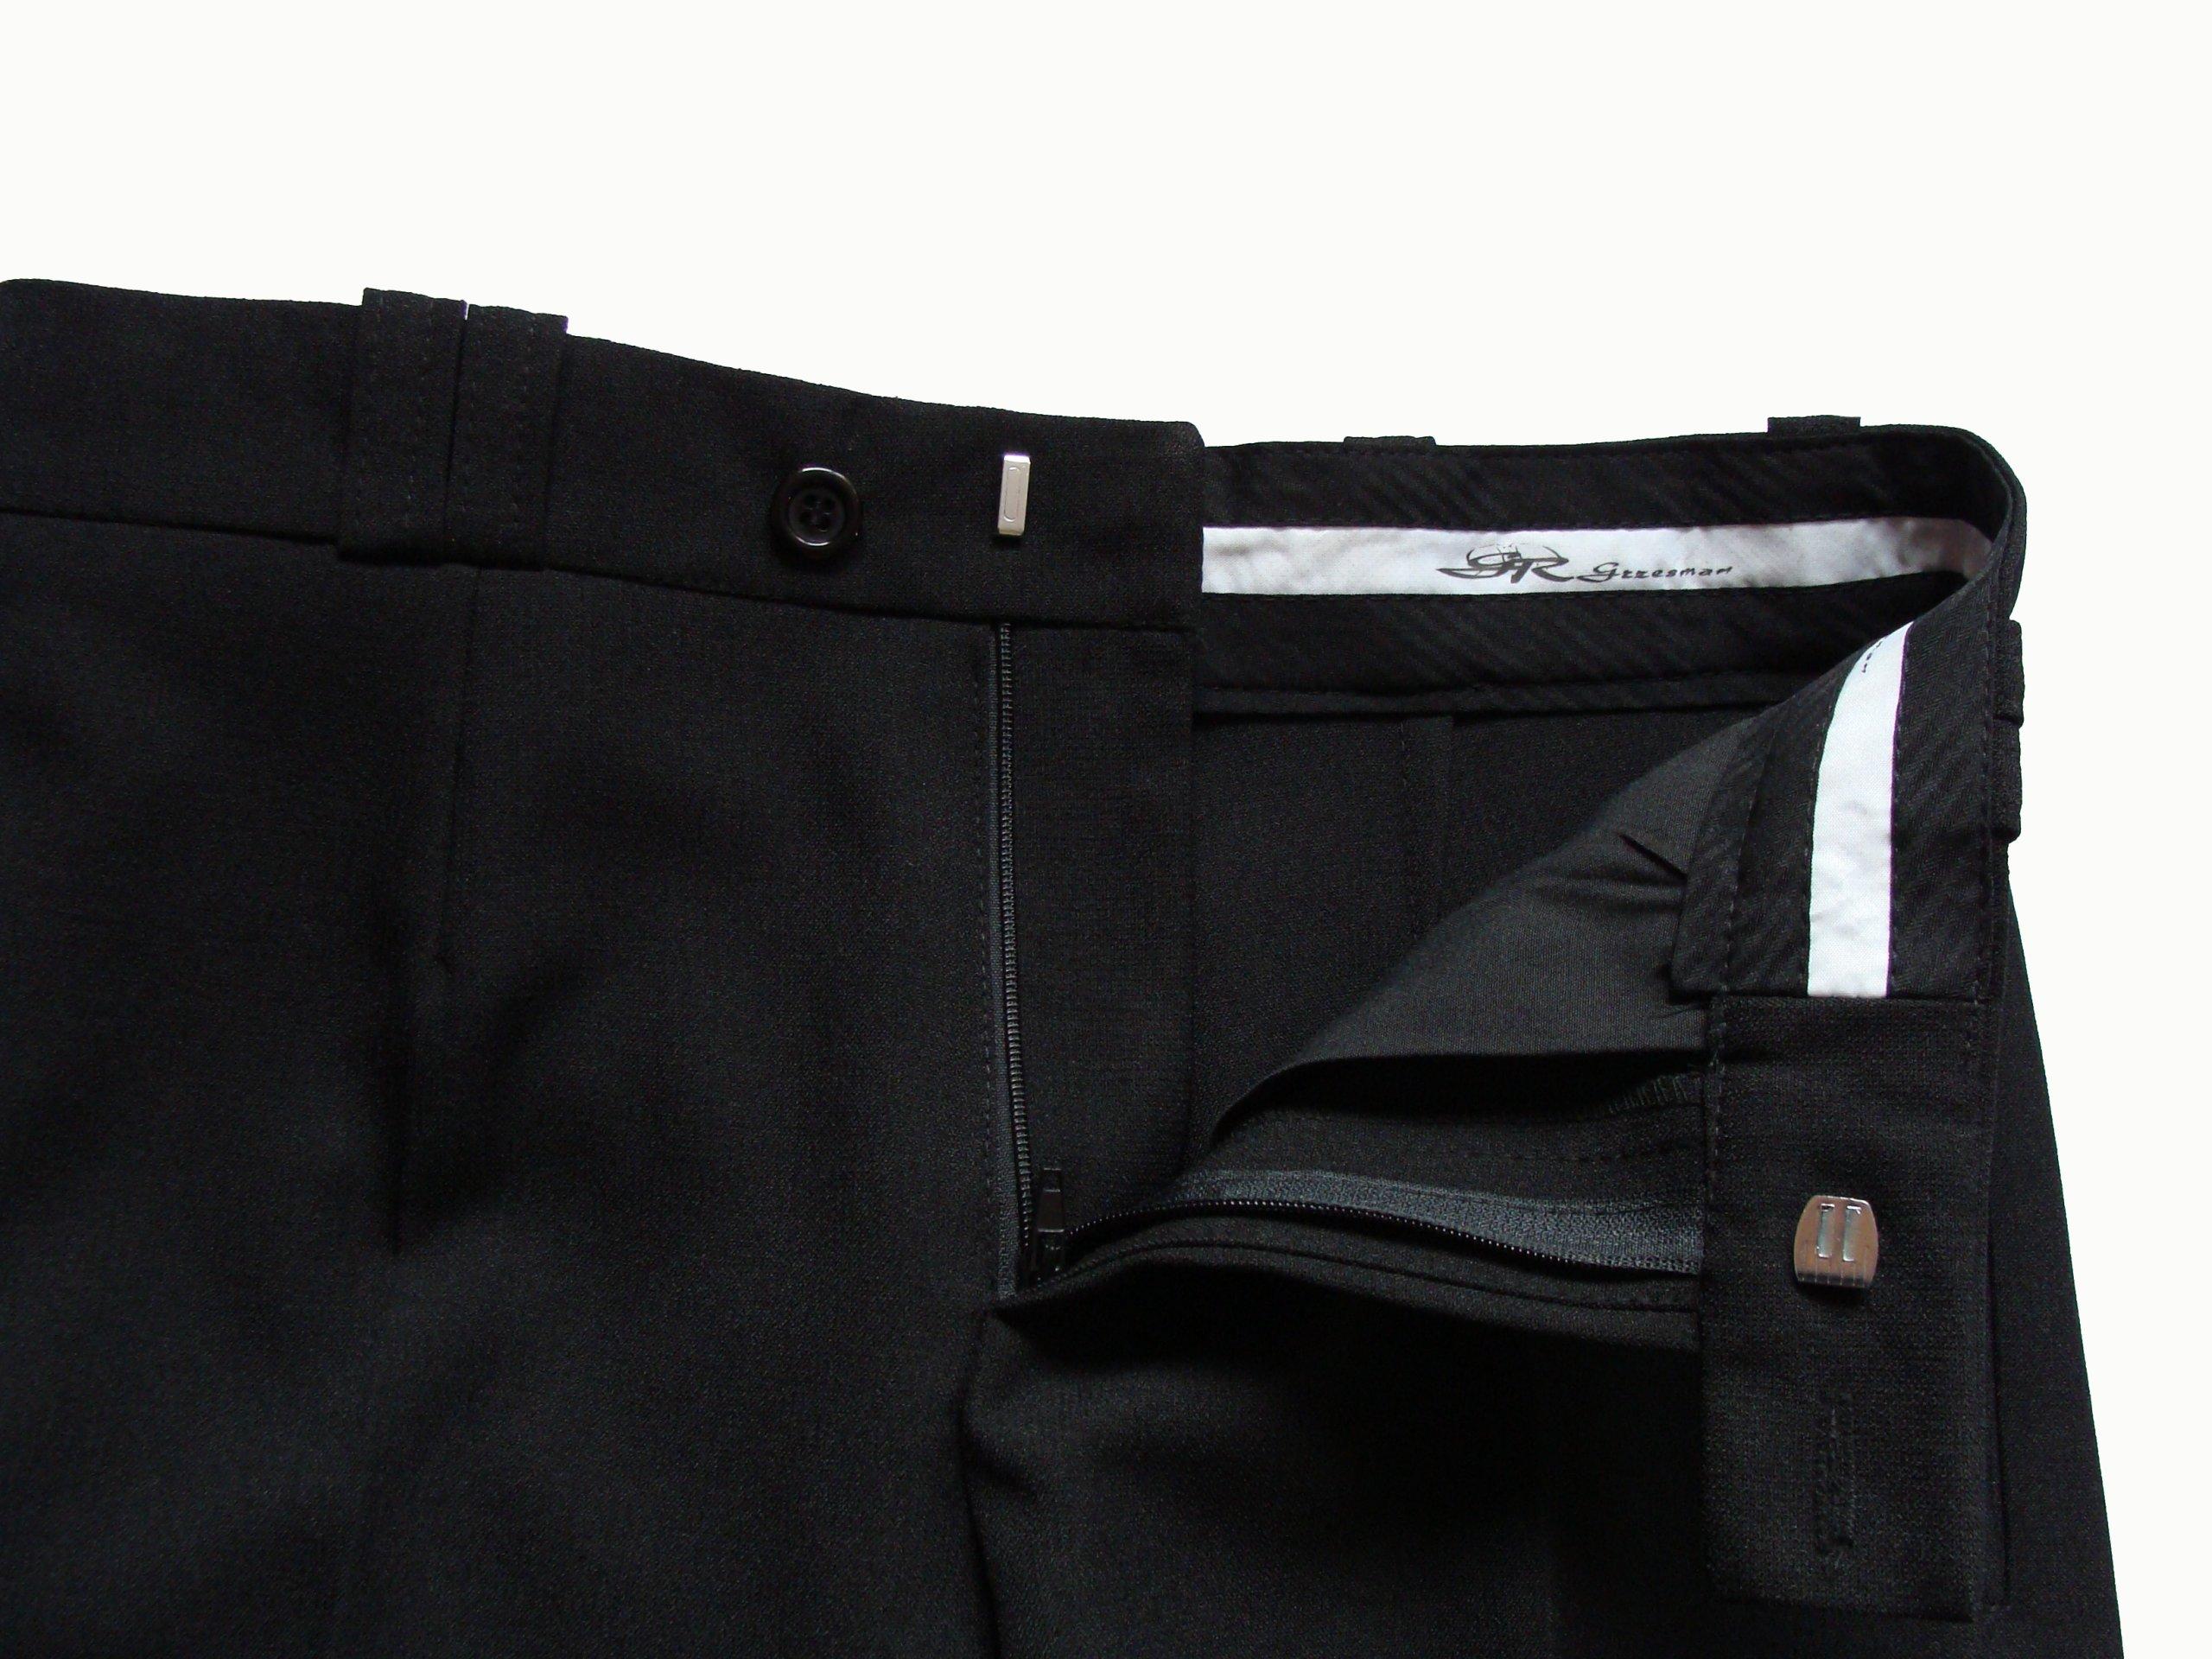 60266bfa22a36 Spodnie młodzieżowe garniturowe wizytowe 170 cm - 7174050124 - oficjalne  archiwum allegro